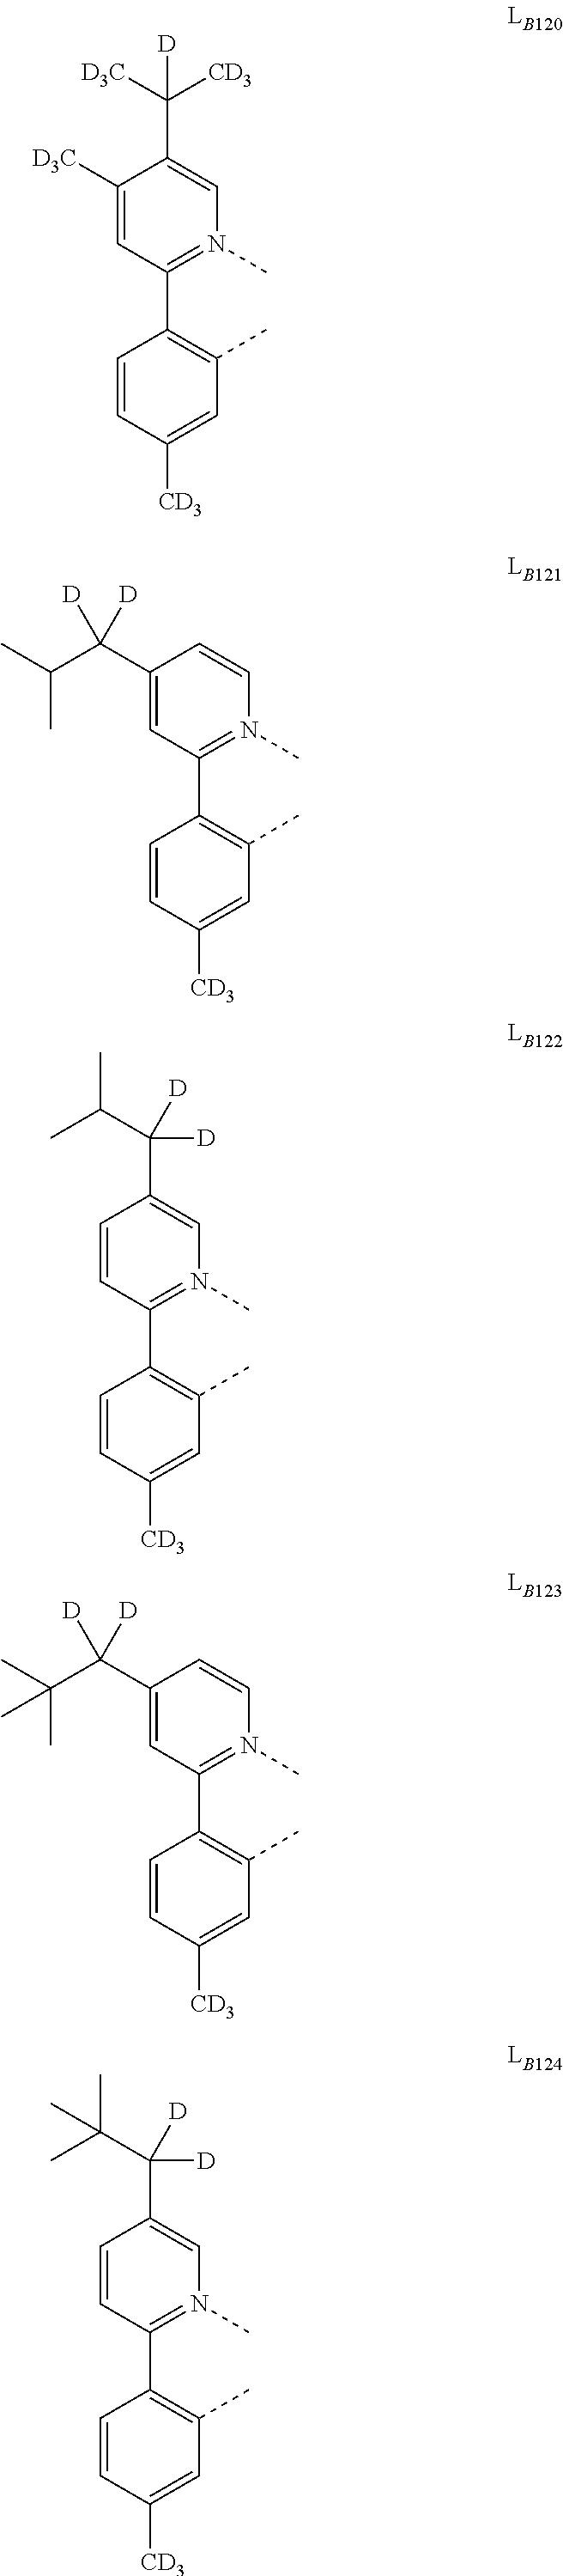 Figure US20180130962A1-20180510-C00283